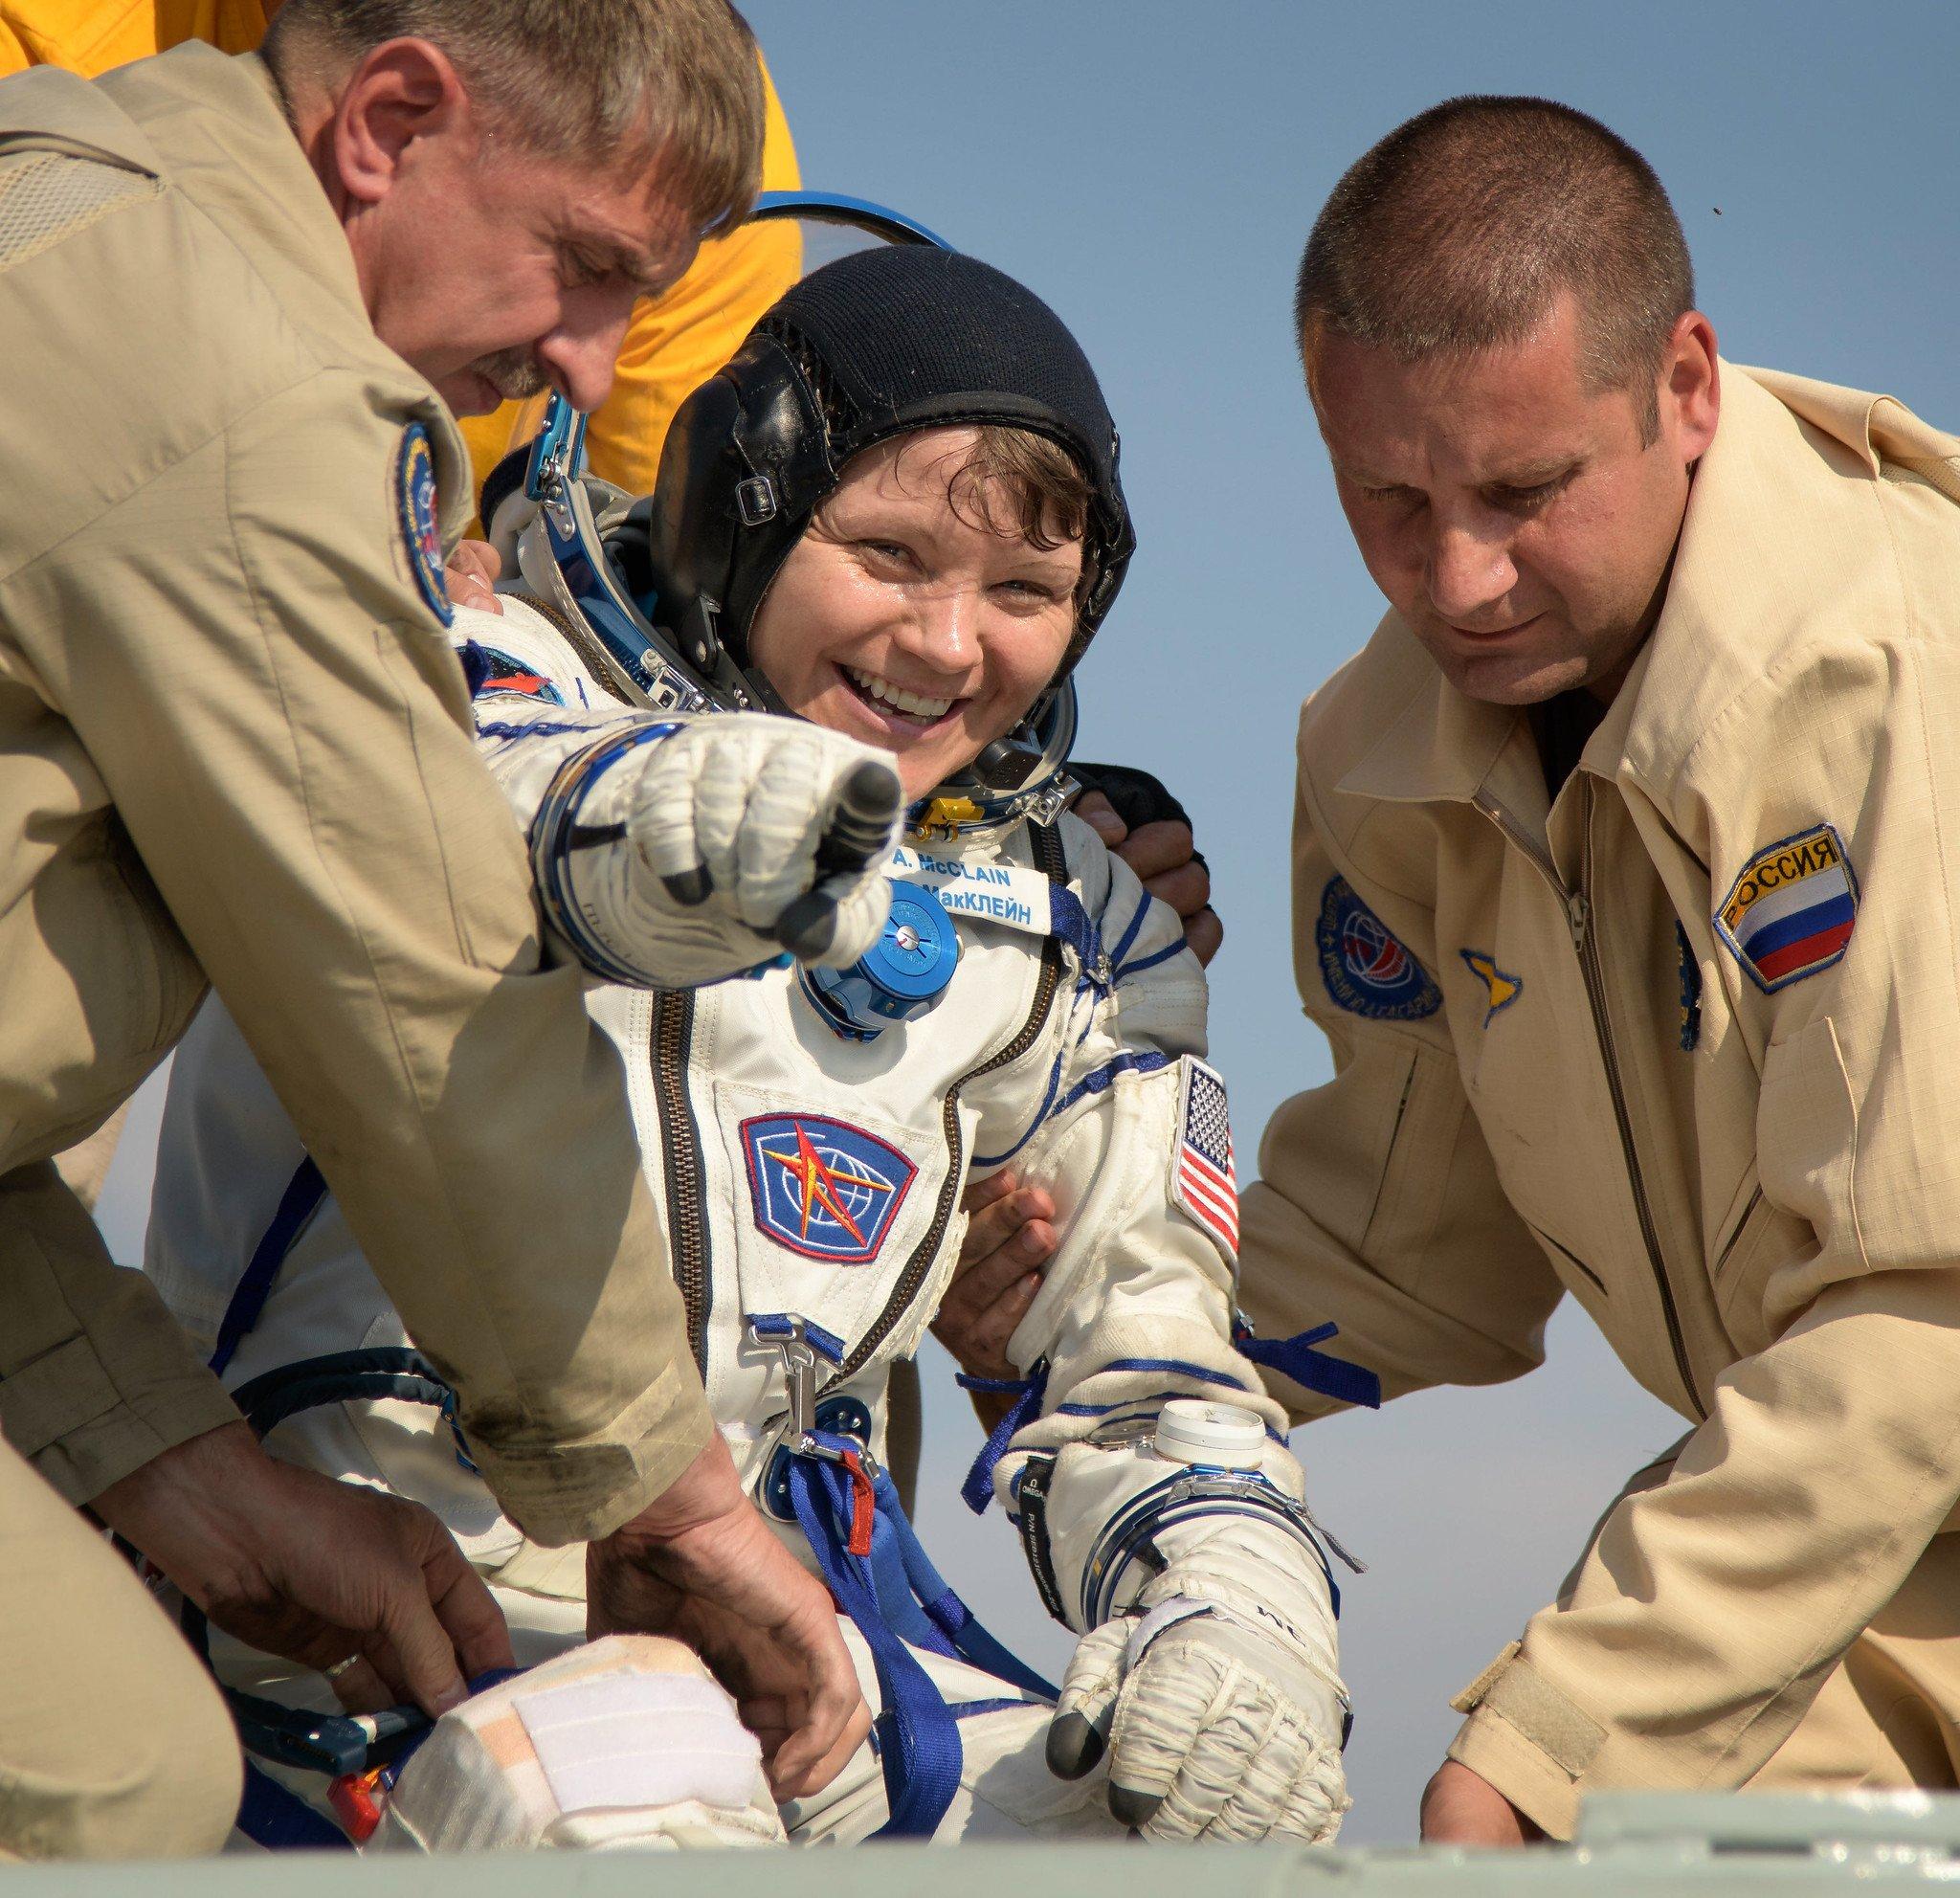 В Роскосмосе утаили серьезные проблемы с возвратом экипажа корабля «Союз МС-11»